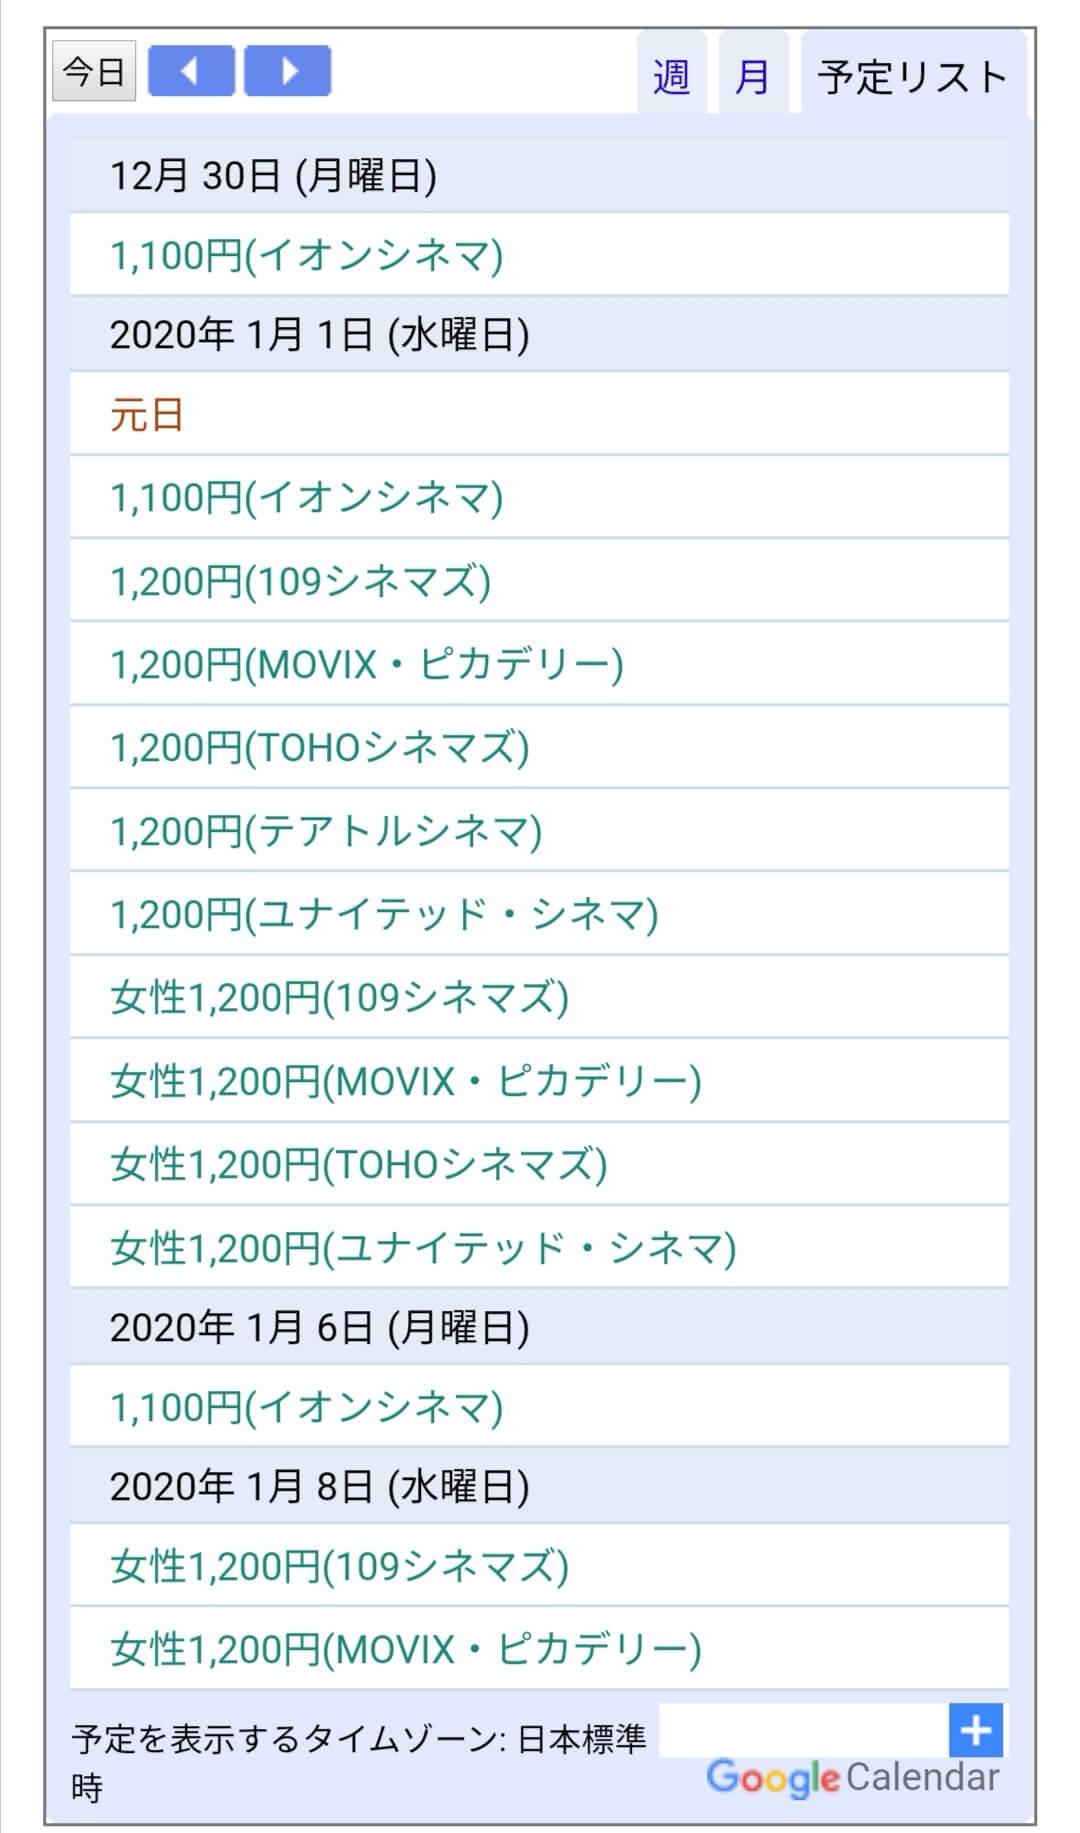 映画サービスデーカレンダー